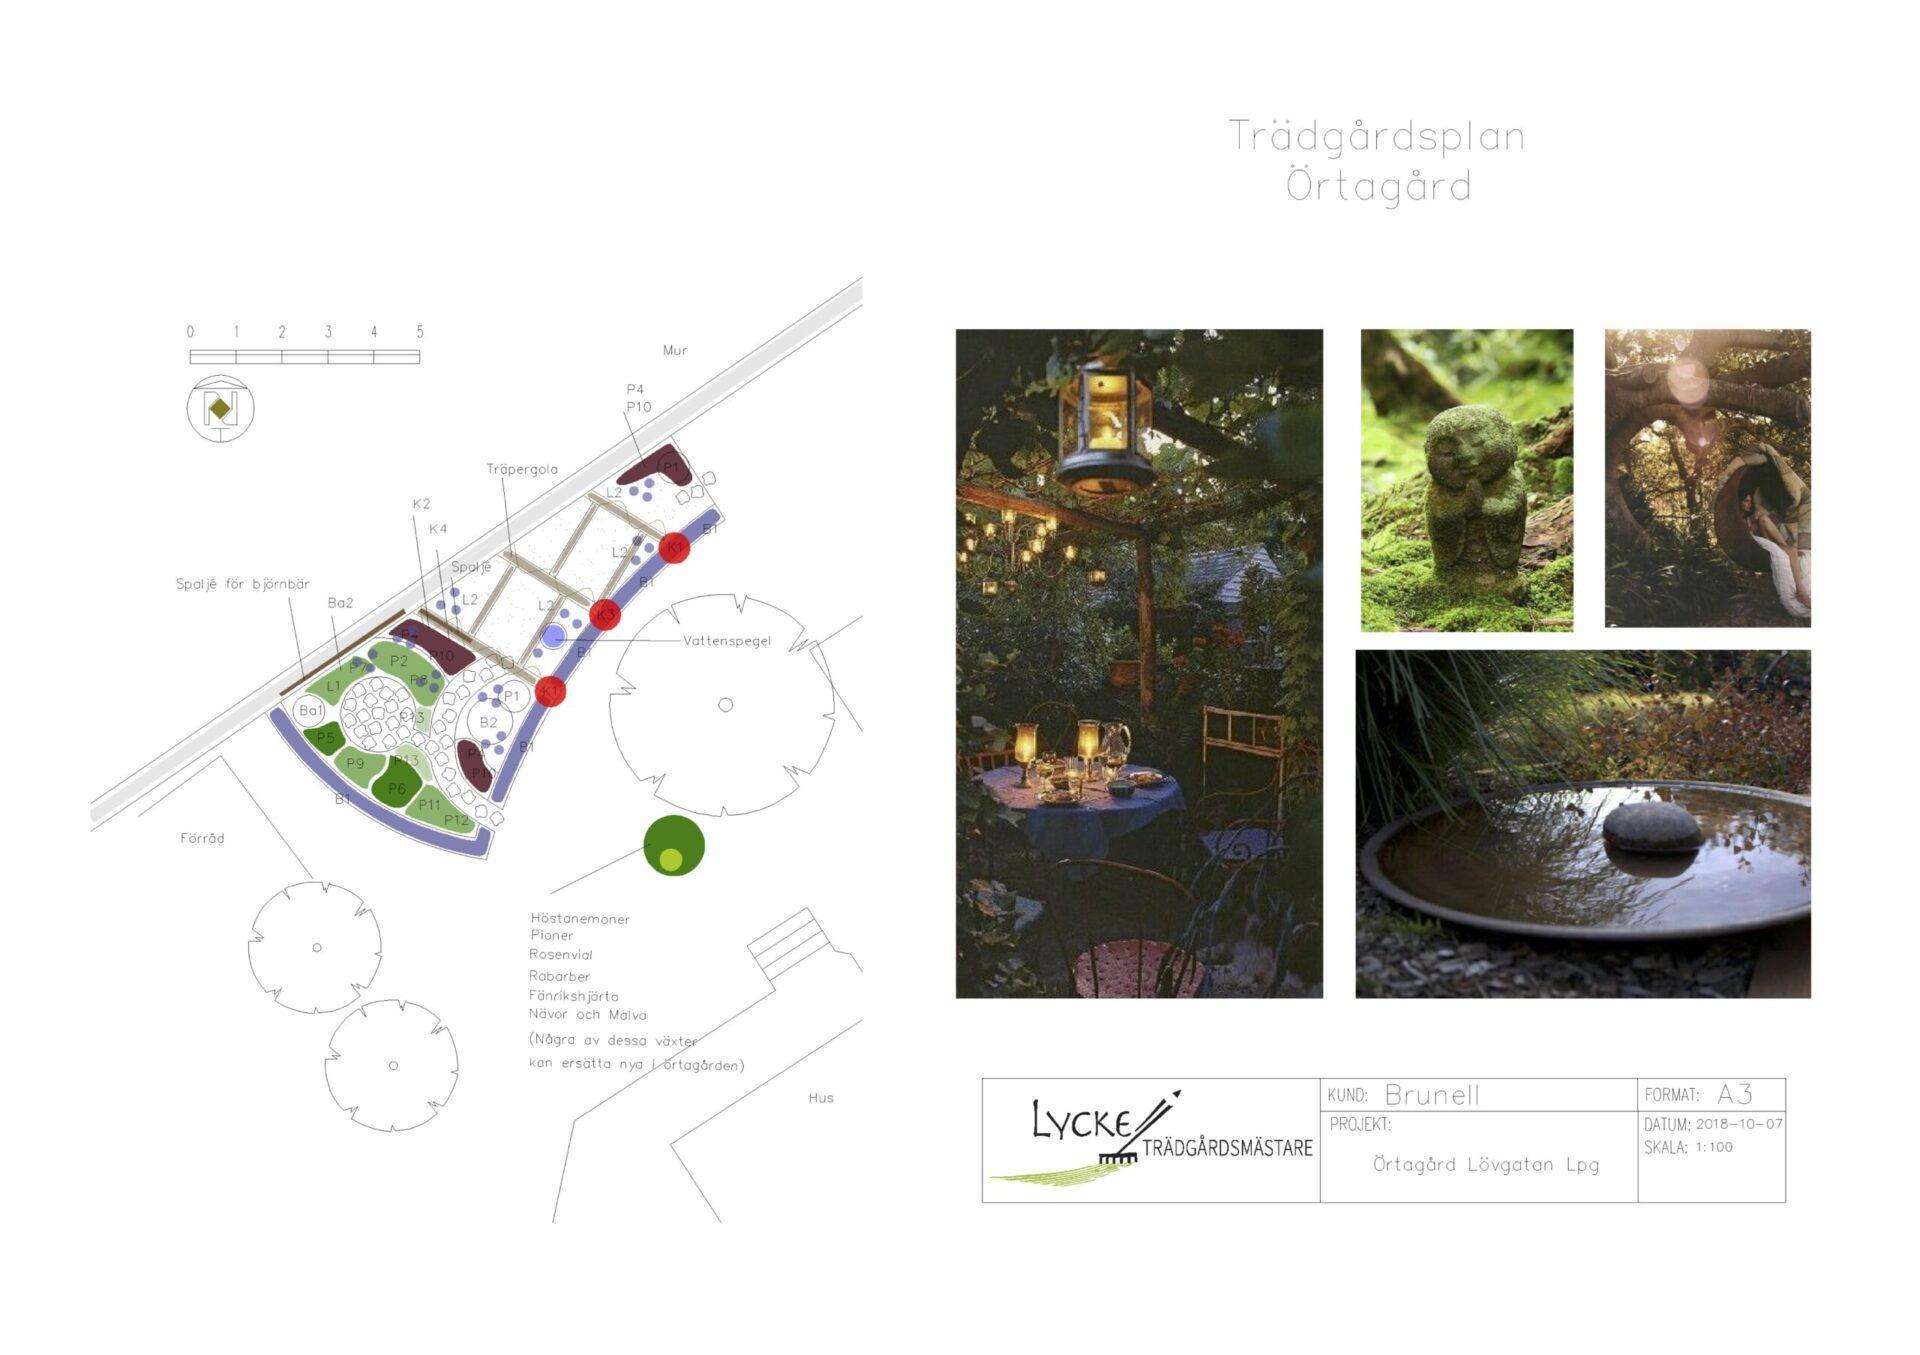 Brunell A3 Trädgårdsplan